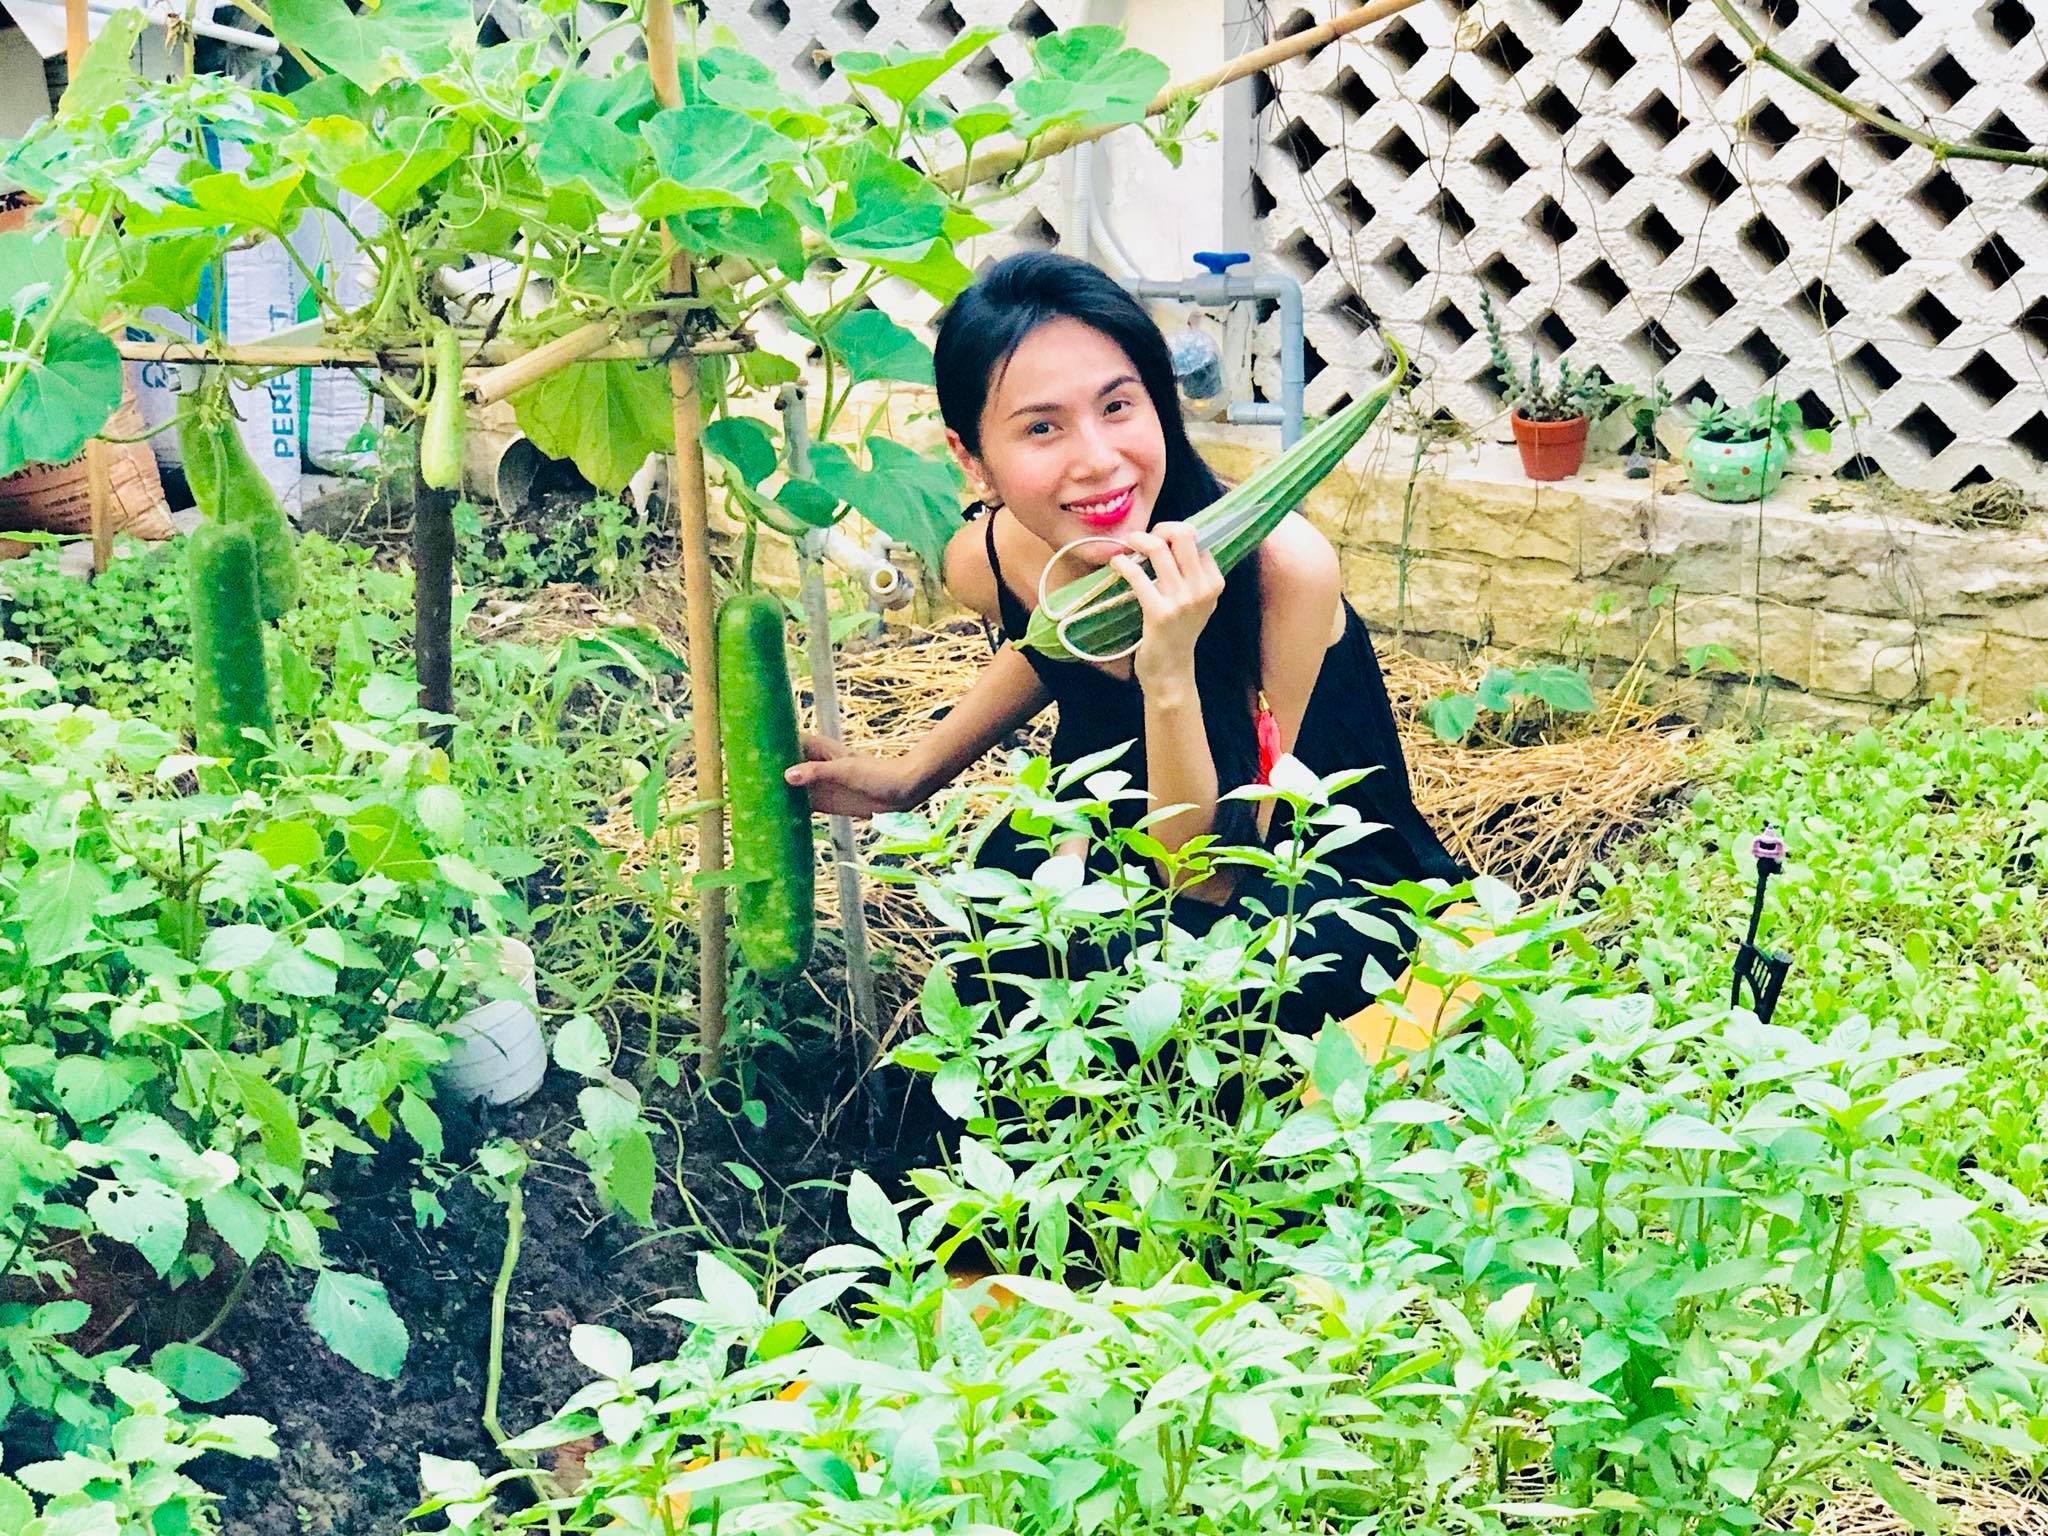 Ngắm vườn rau quả sạch tốt tươi, xanh mát trong biệt thự triệu đô của vợ chồng Thủy Tiên - Công Vinh - Ảnh 1.